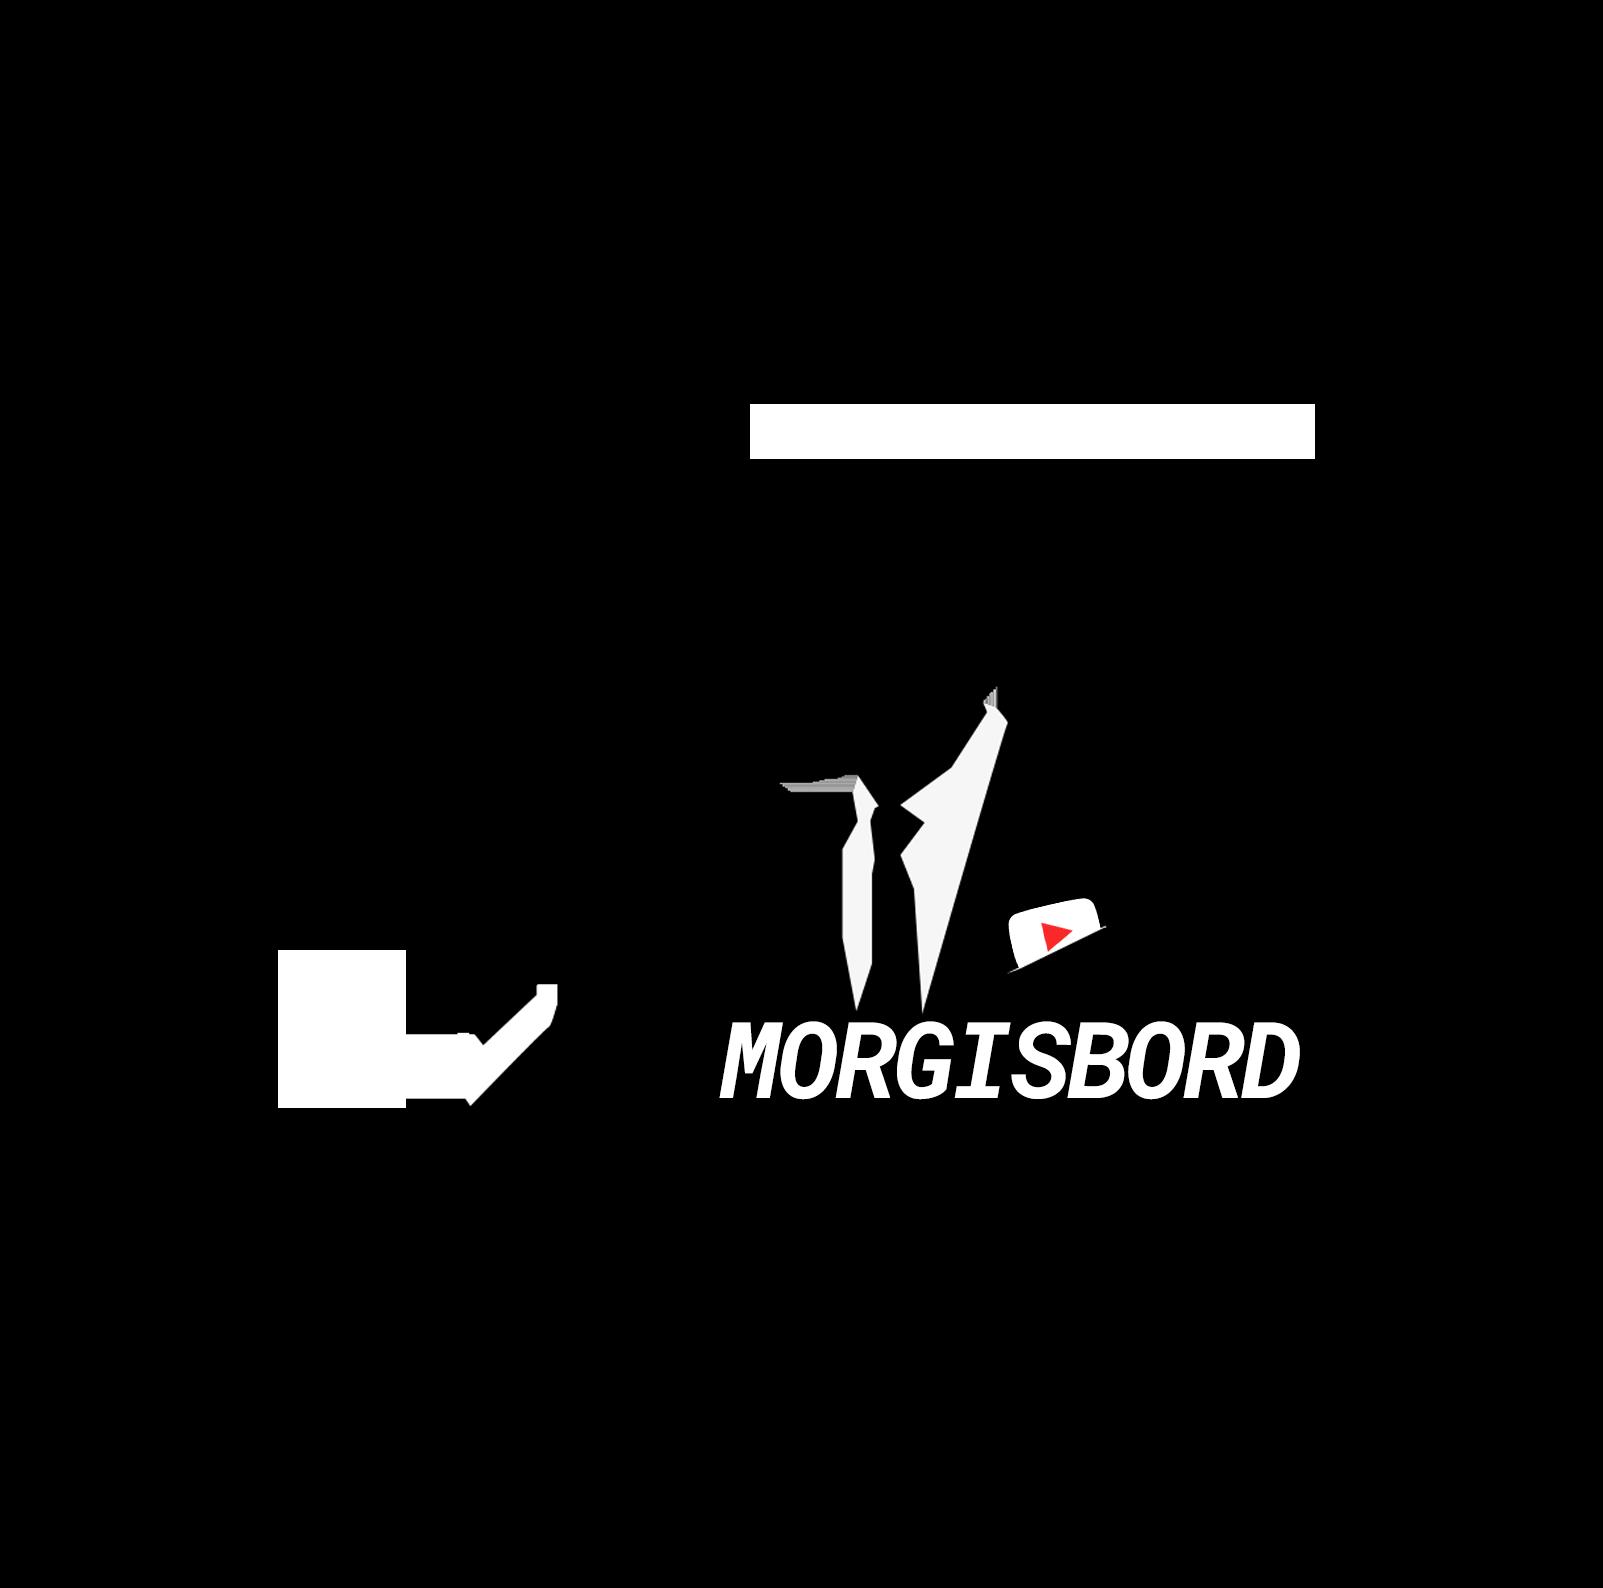 Morgisbord Media